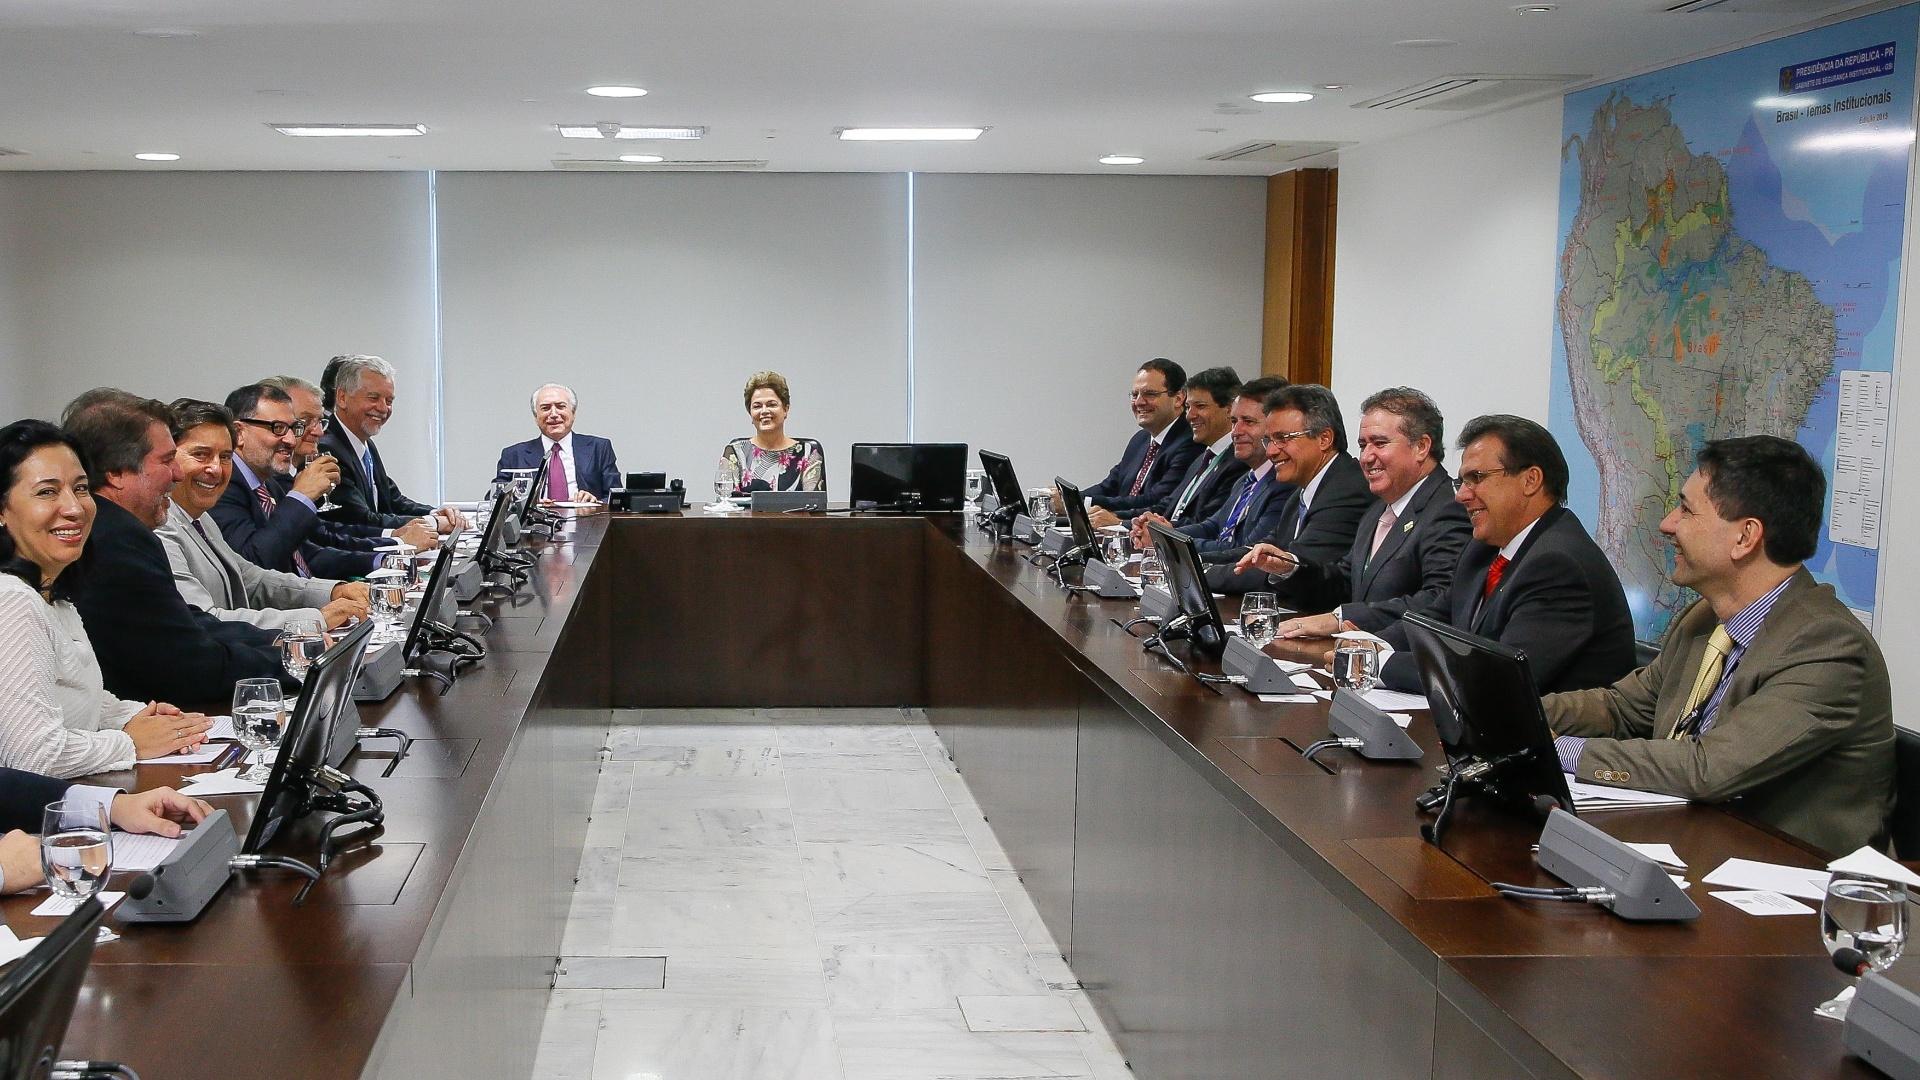 8.abr.2015 - A presidente Dilma Roussef se encontrou nesta quarta-feira (8) com representantes da Frente Nacional dos Prefeitos (FNP), que estão esta semana em Brasília no 3º Encontro dos Municípios com o Desenvolvimento Sustentável